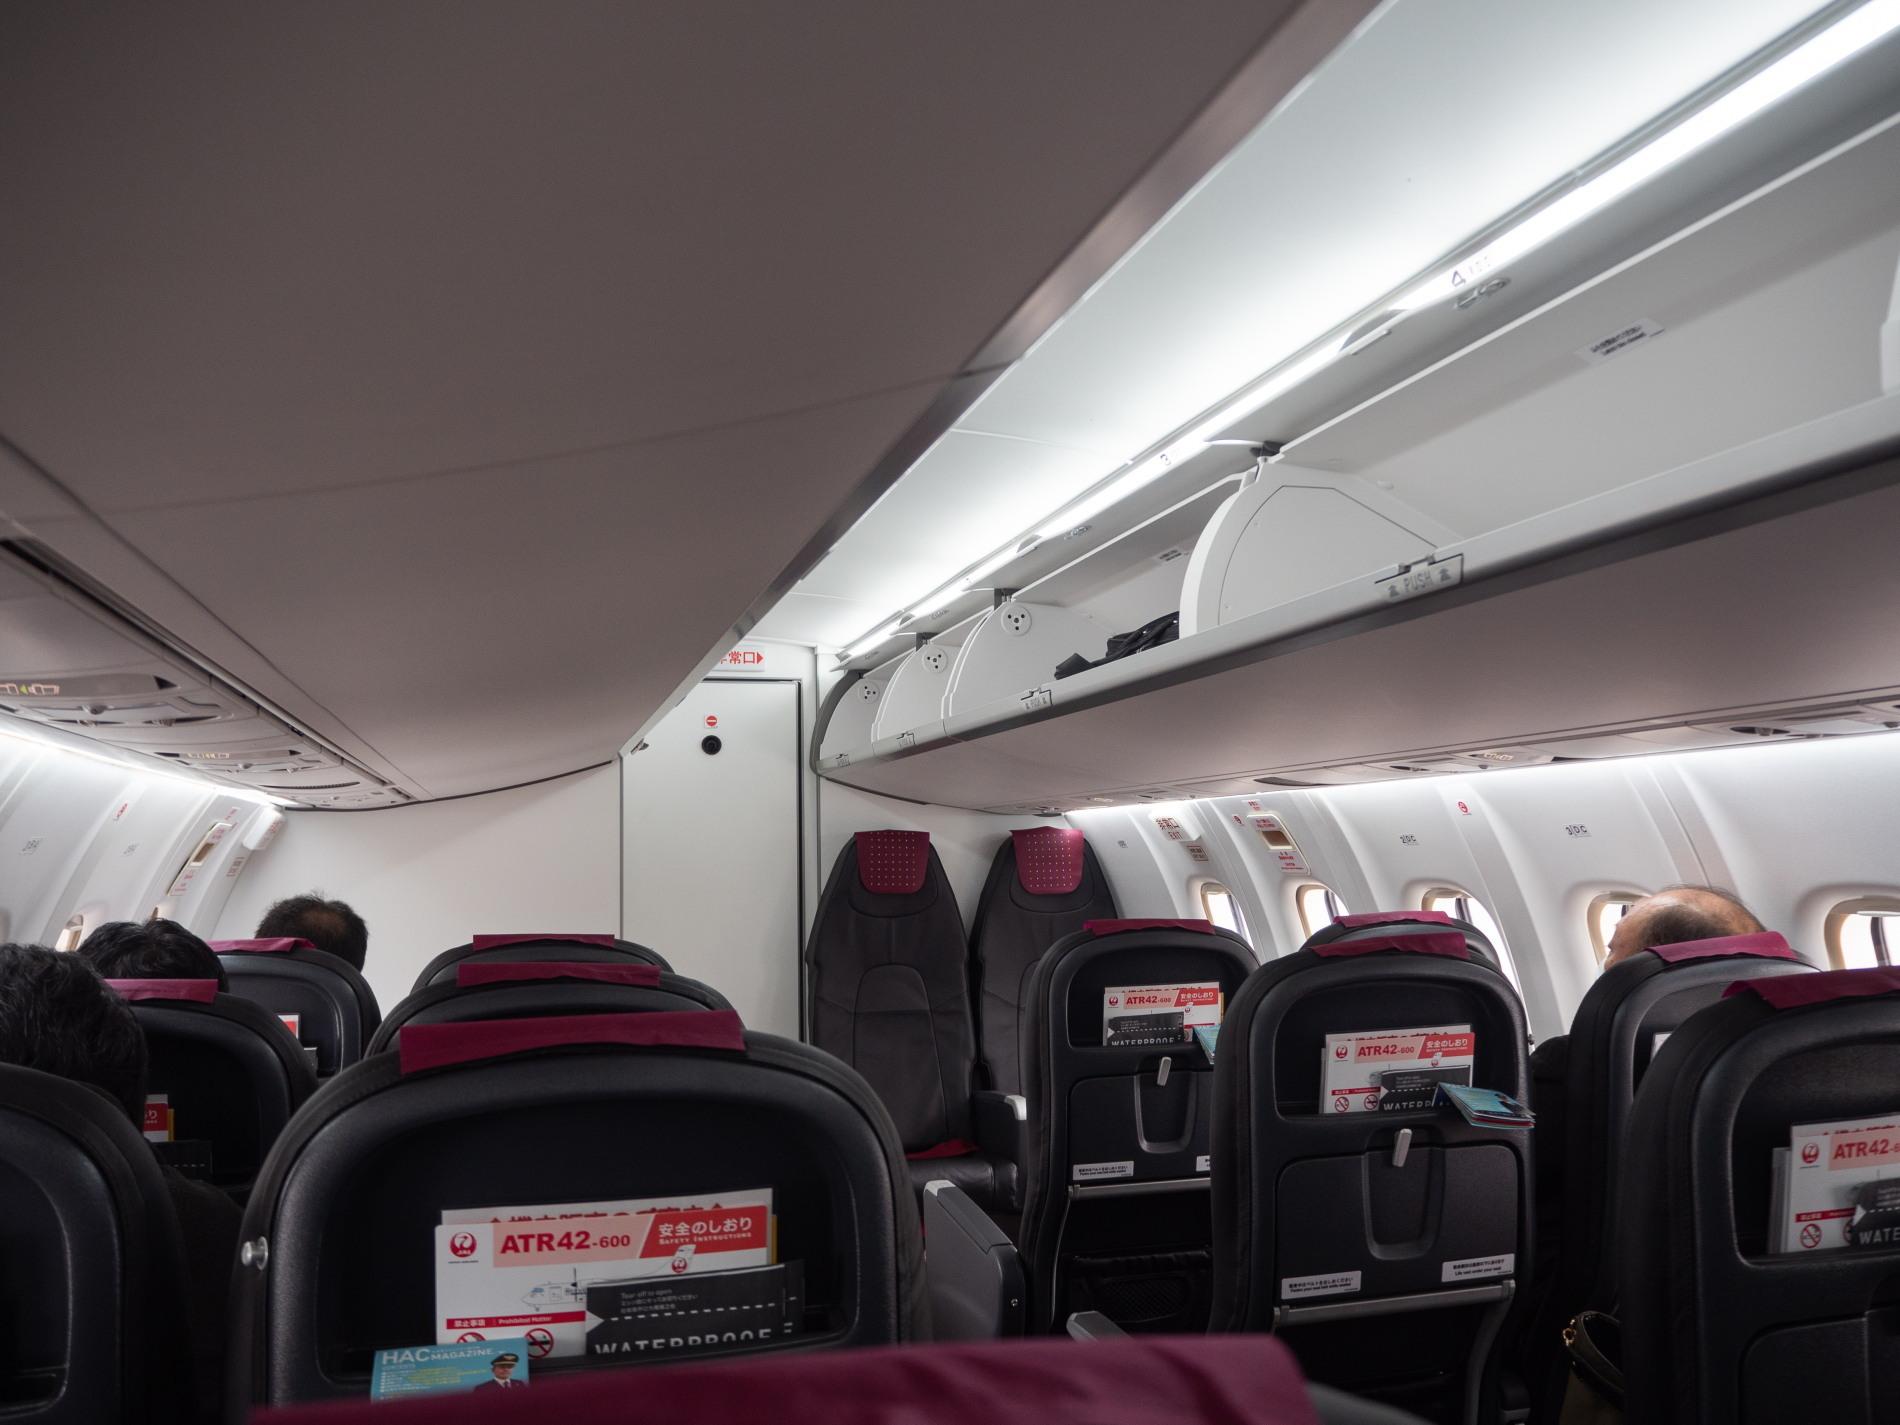 北海道エアシステムの新機材ATR42に乗って・・函館へ(1)_f0276498_13175613.jpg